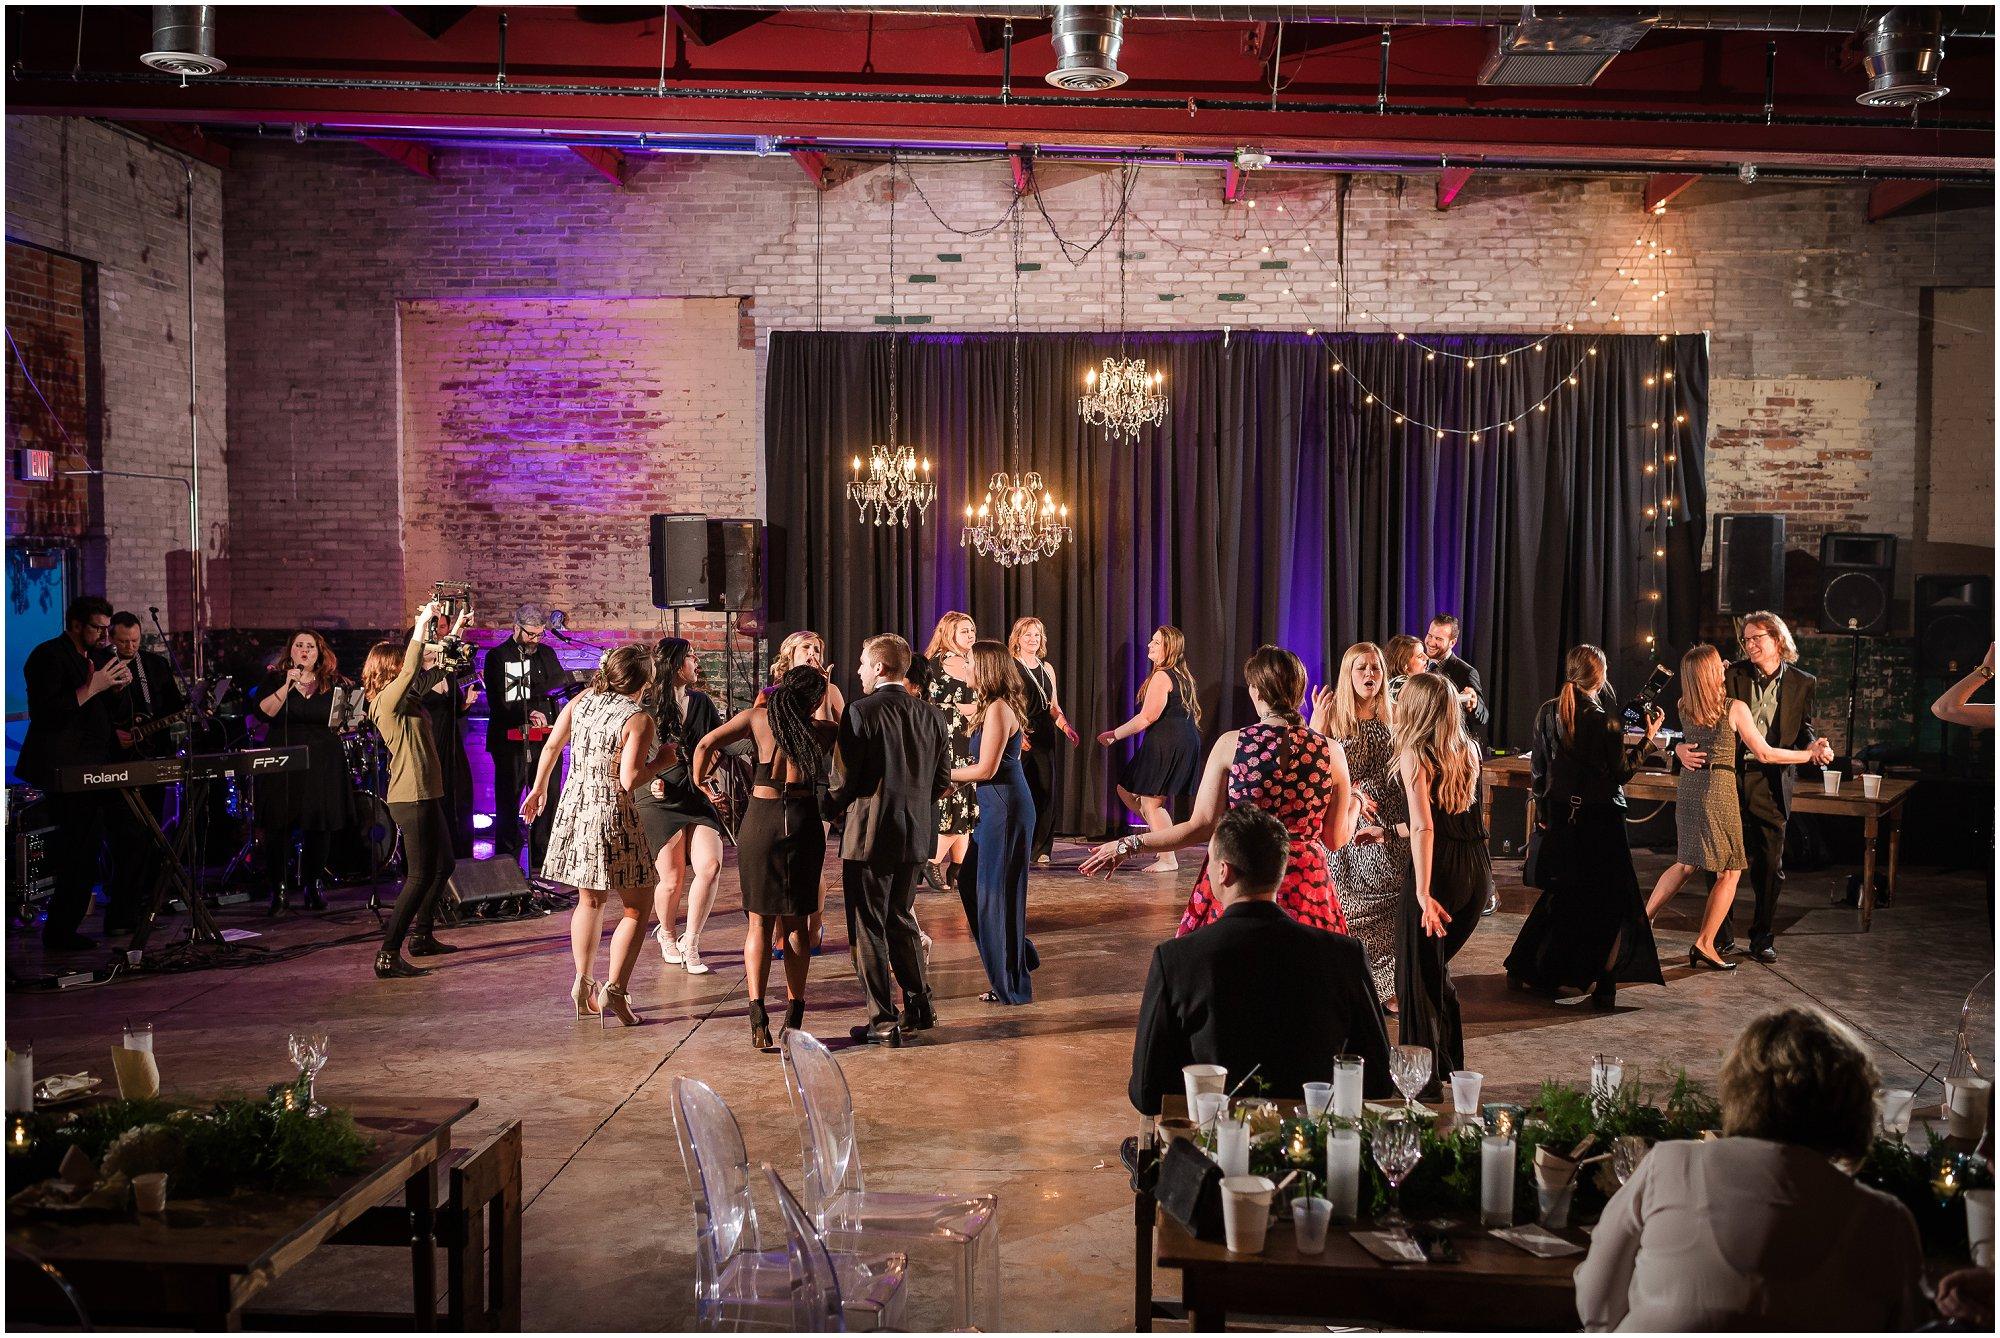 eastern-detroit-industrial-event-space-wedding-venue.jpg